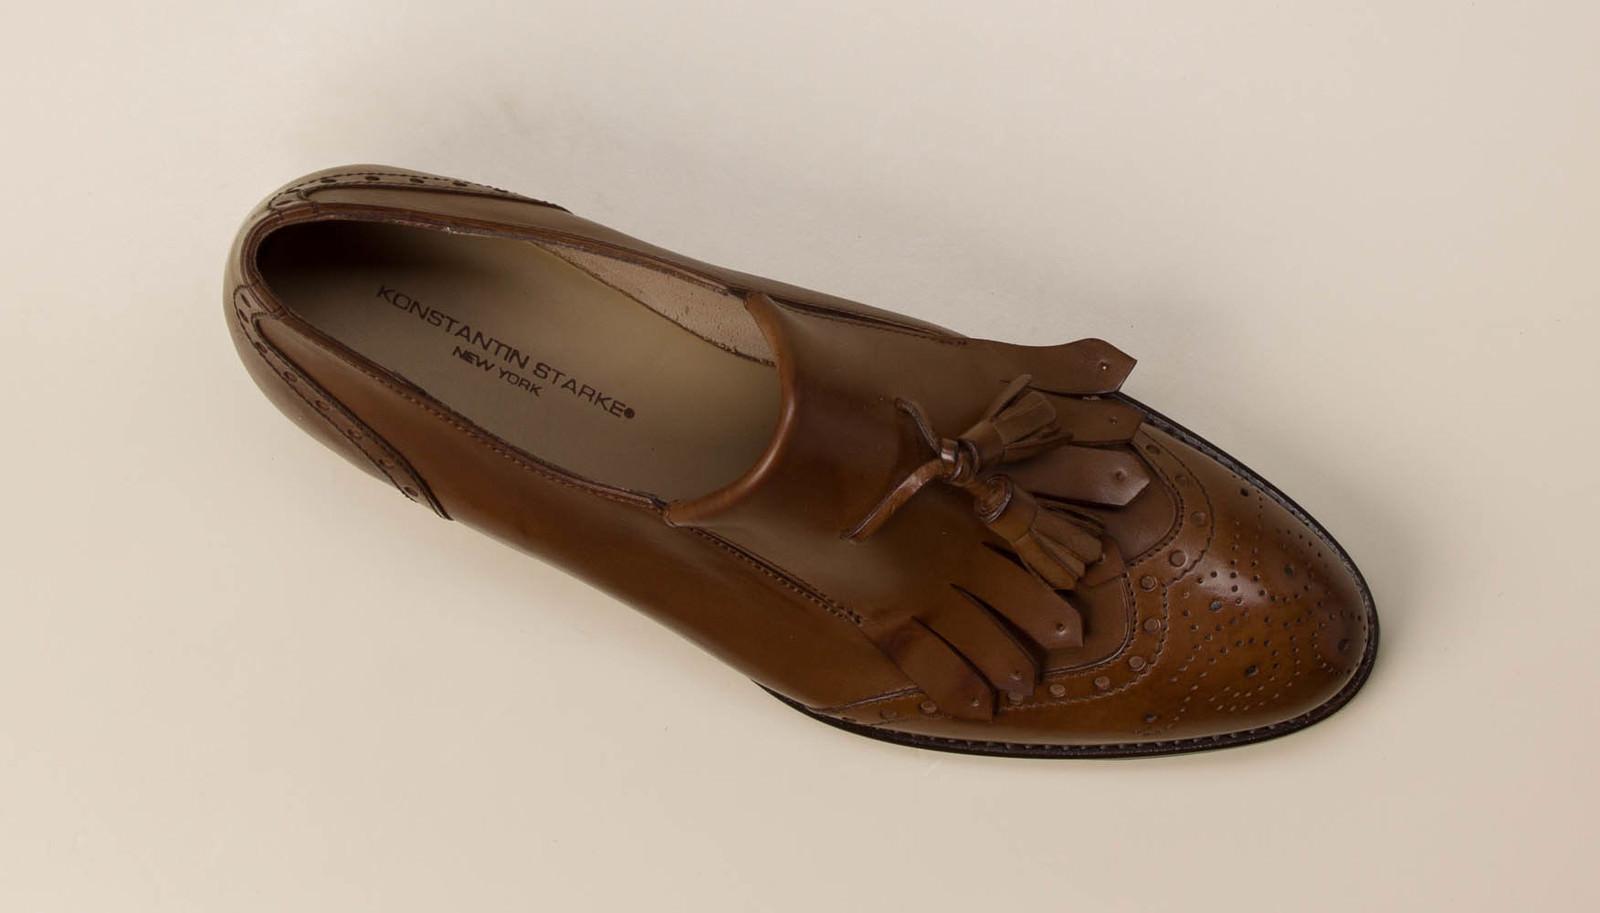 2944a7c9bbff Konstantin Starke Damen Loafer in cognac kaufen   Zumnorde Online-Shop